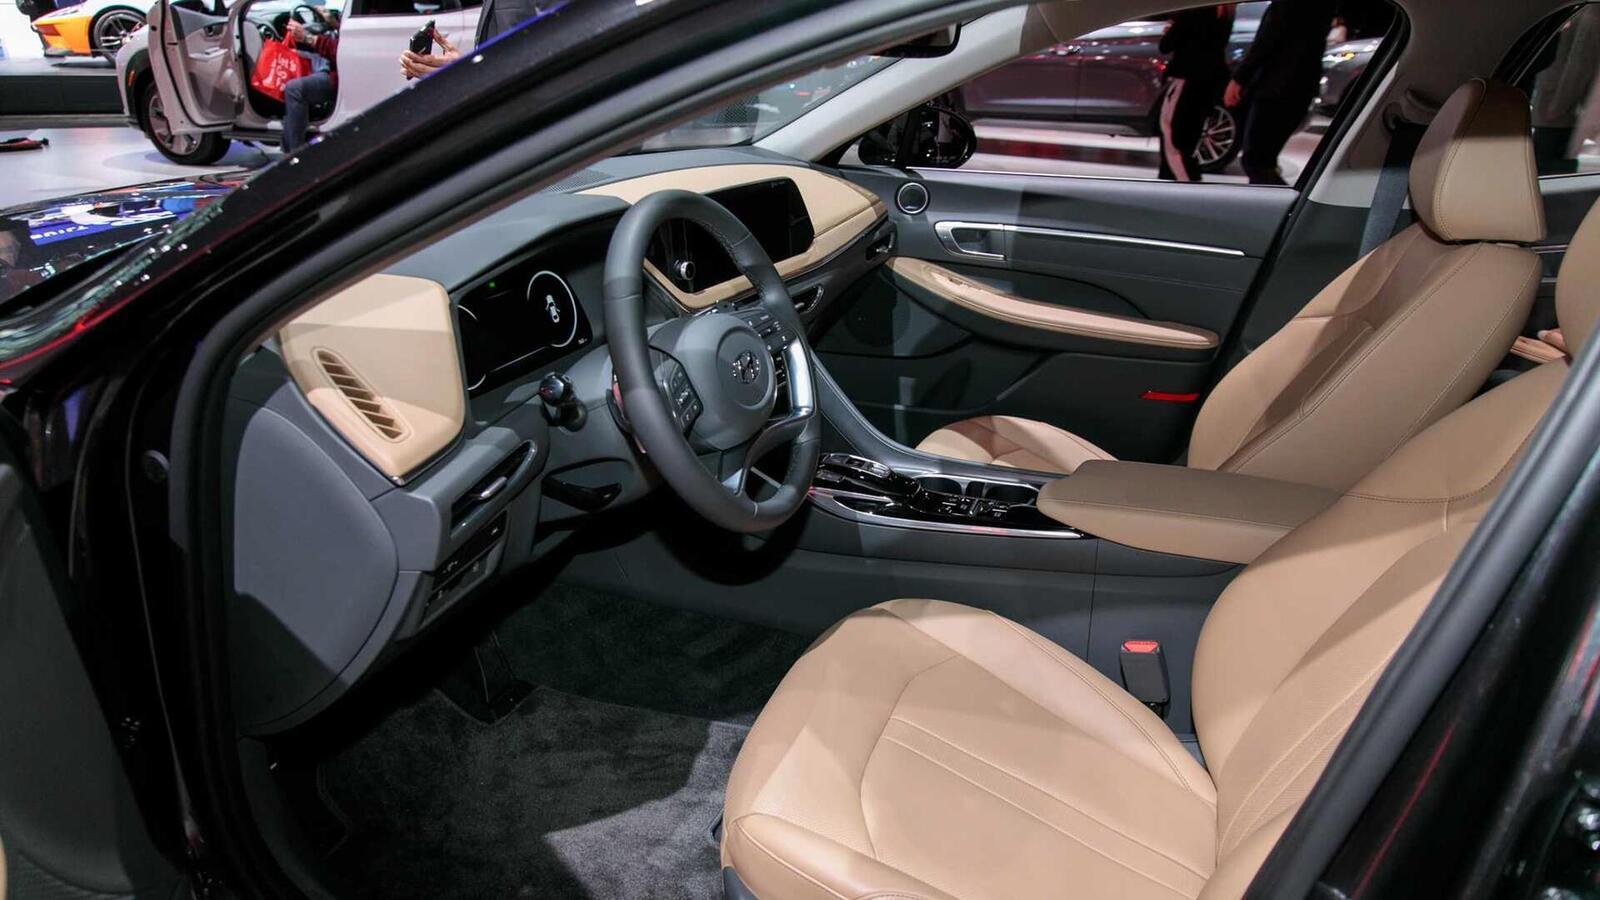 Hyundai đã ra mắt Sonata thế hệ thứ 8 tại Mỹ: Động cơ 1.6L tăng áp và 2.5L - Hình 10